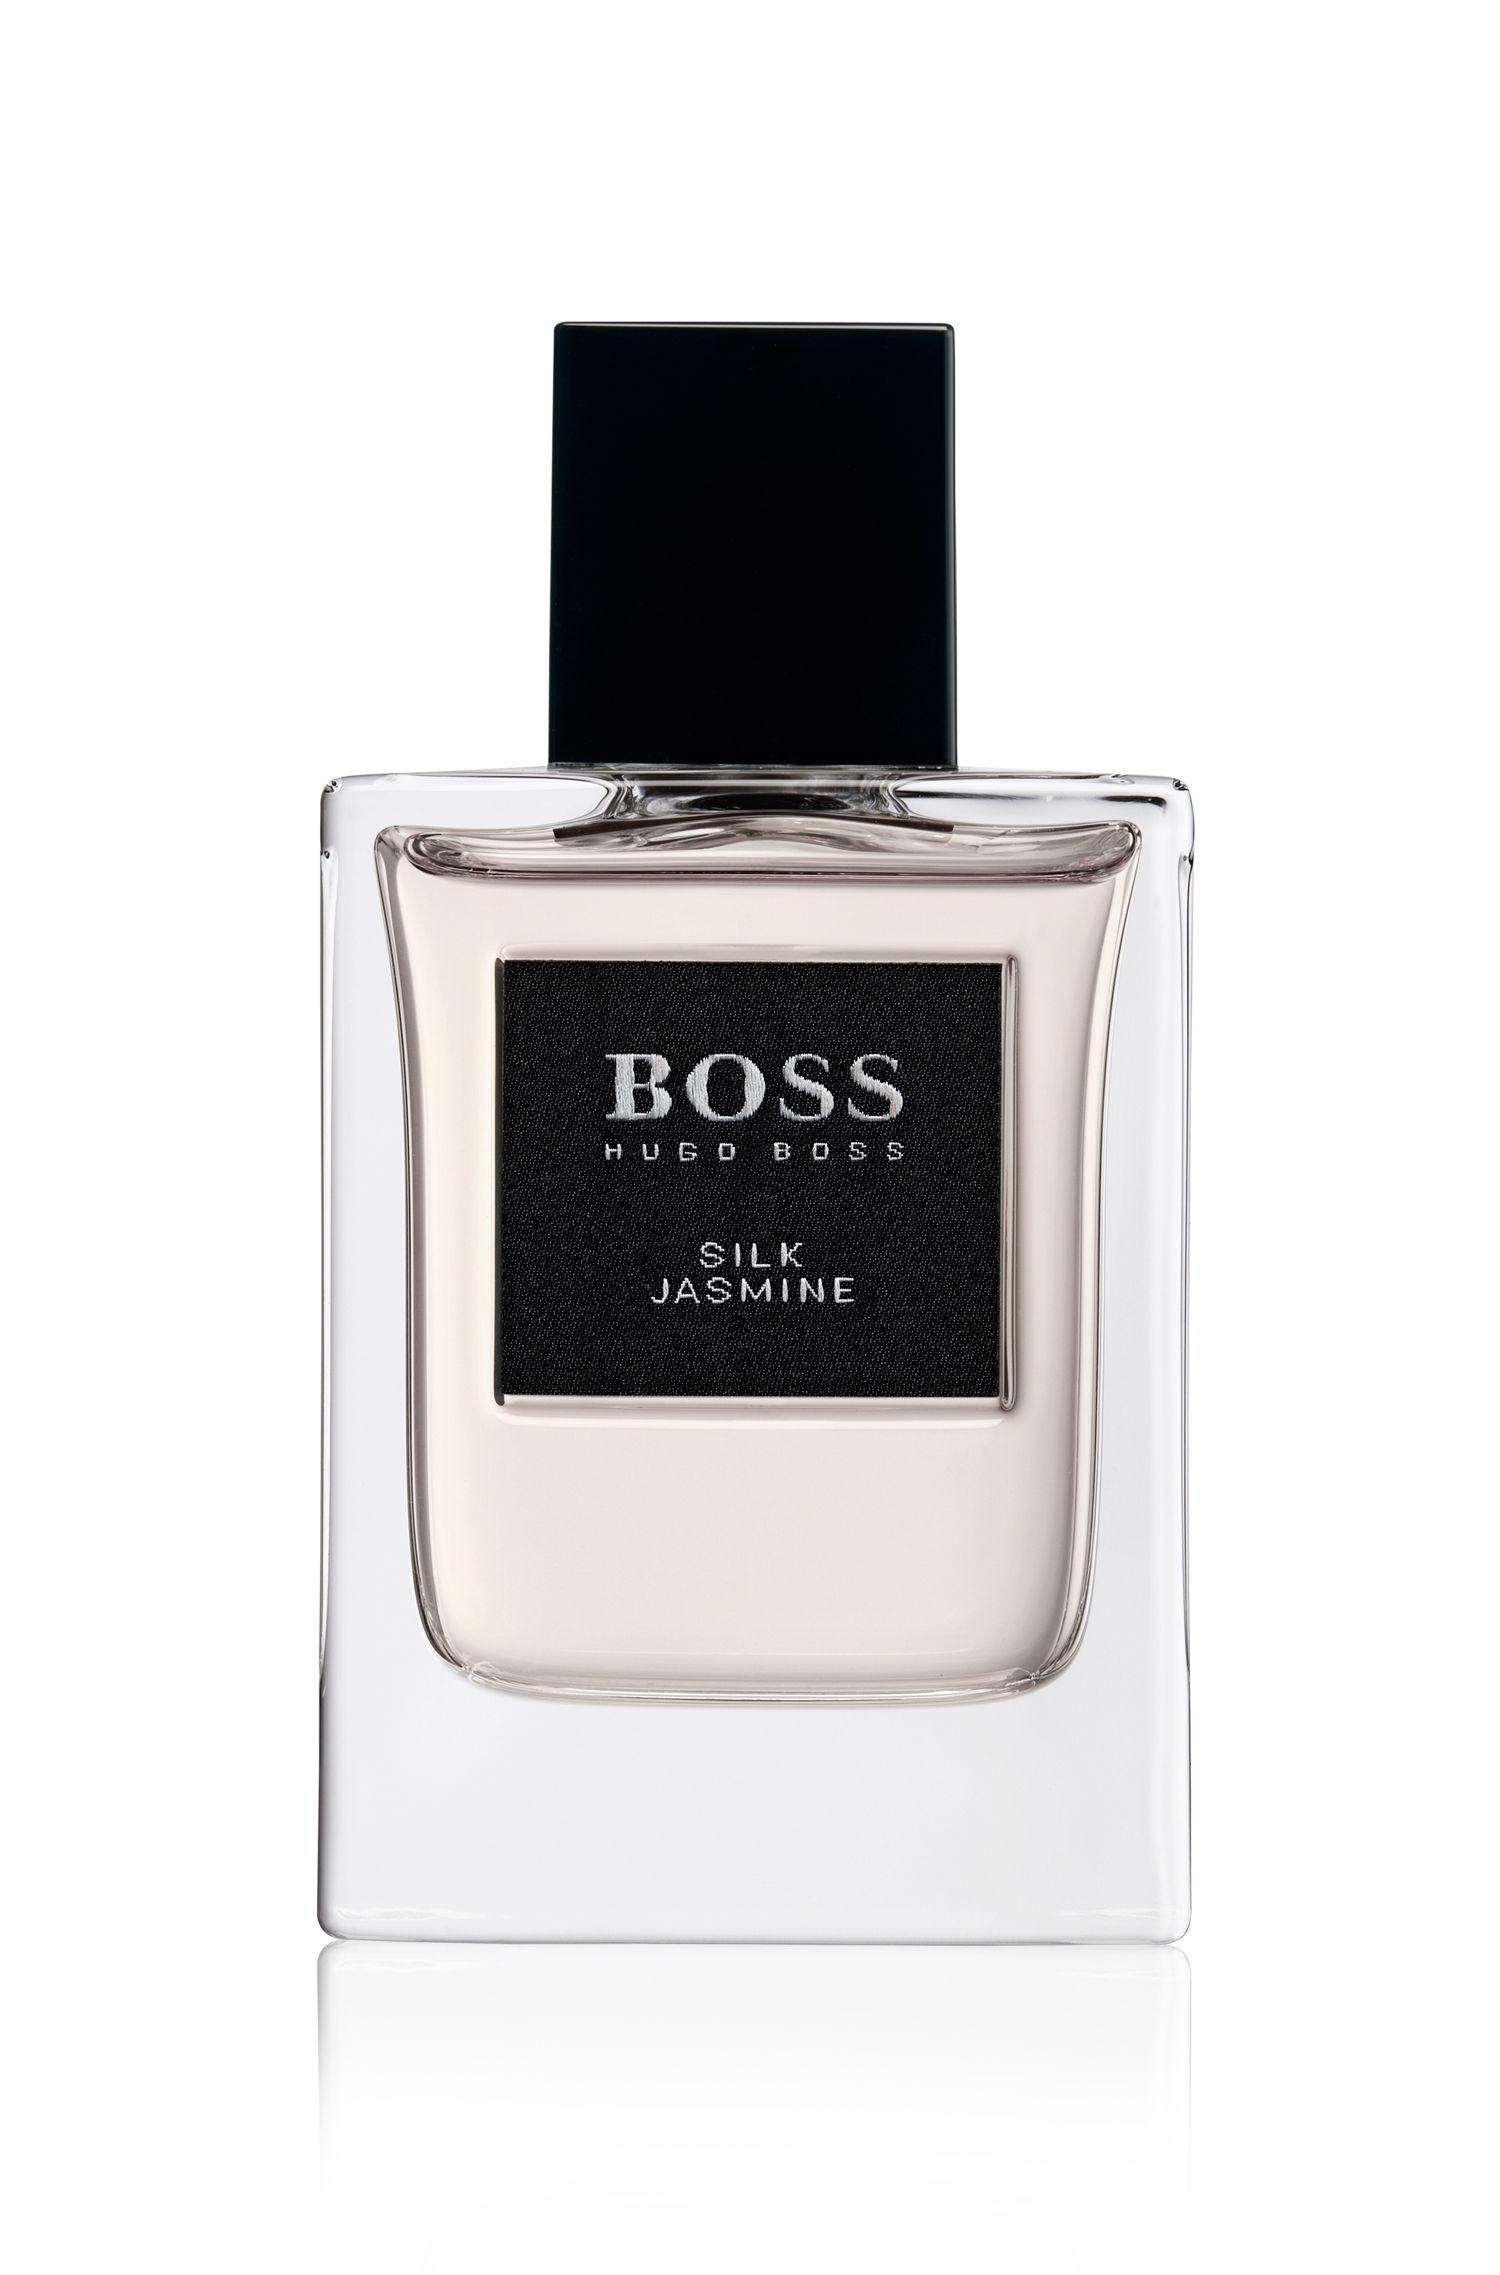 'BOSS The Collection' | 1.6 fl. oz. (50 mL) Silk & Jasmine Eau de Toilette